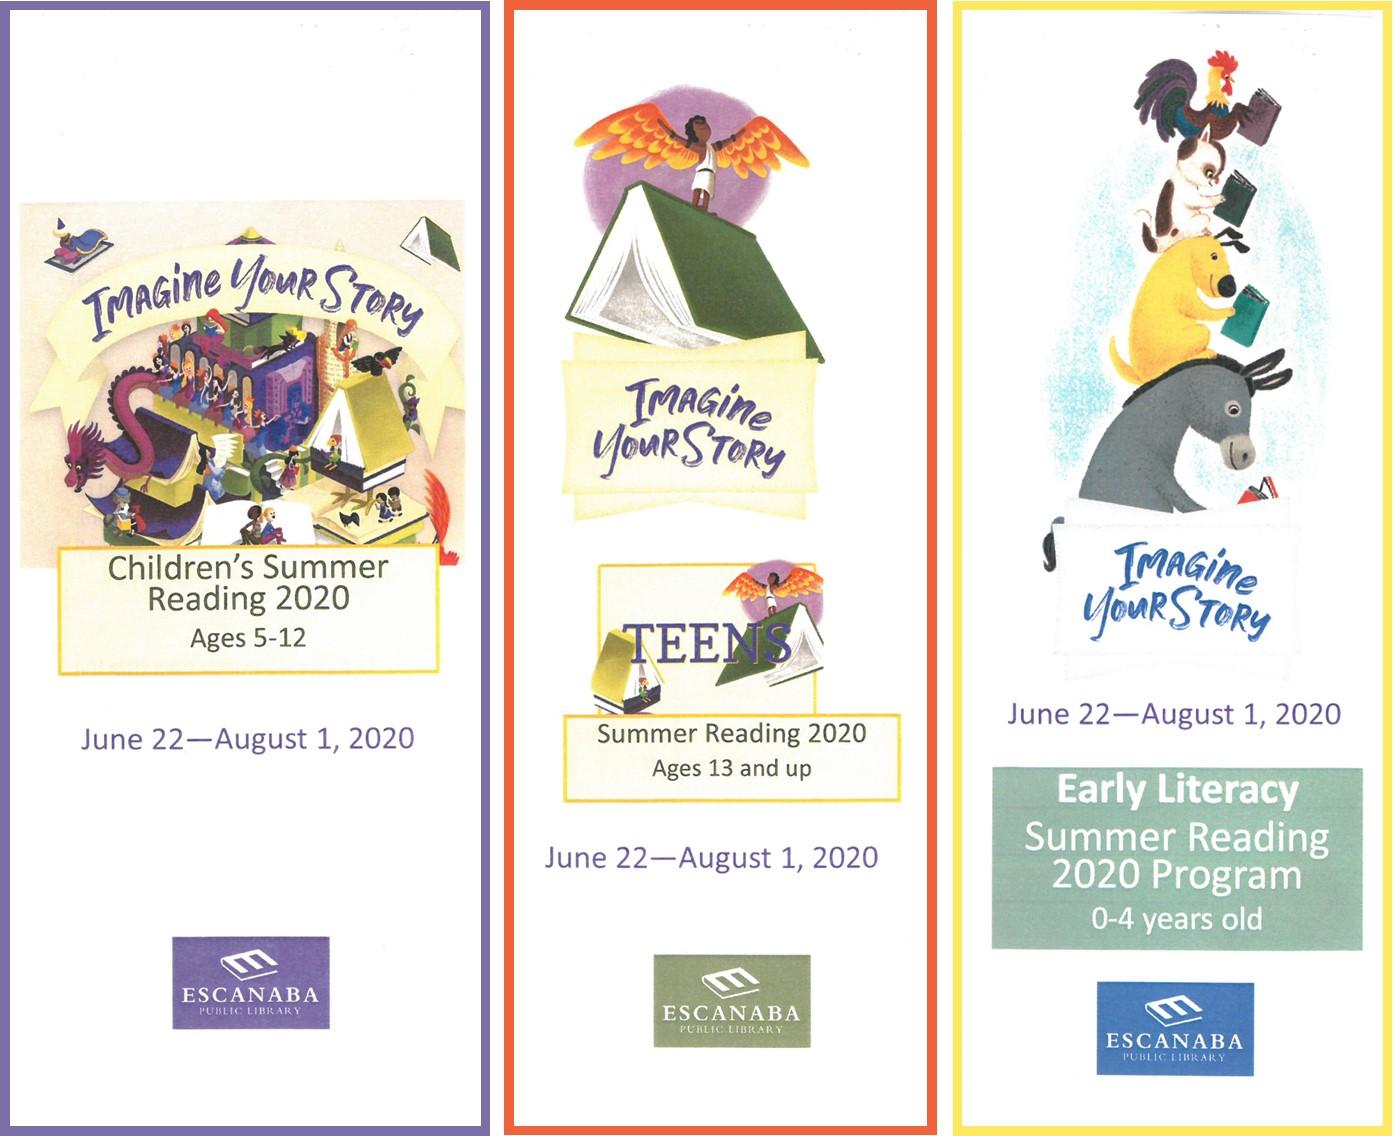 Summer Reading Program June 22 - August 1, 2020